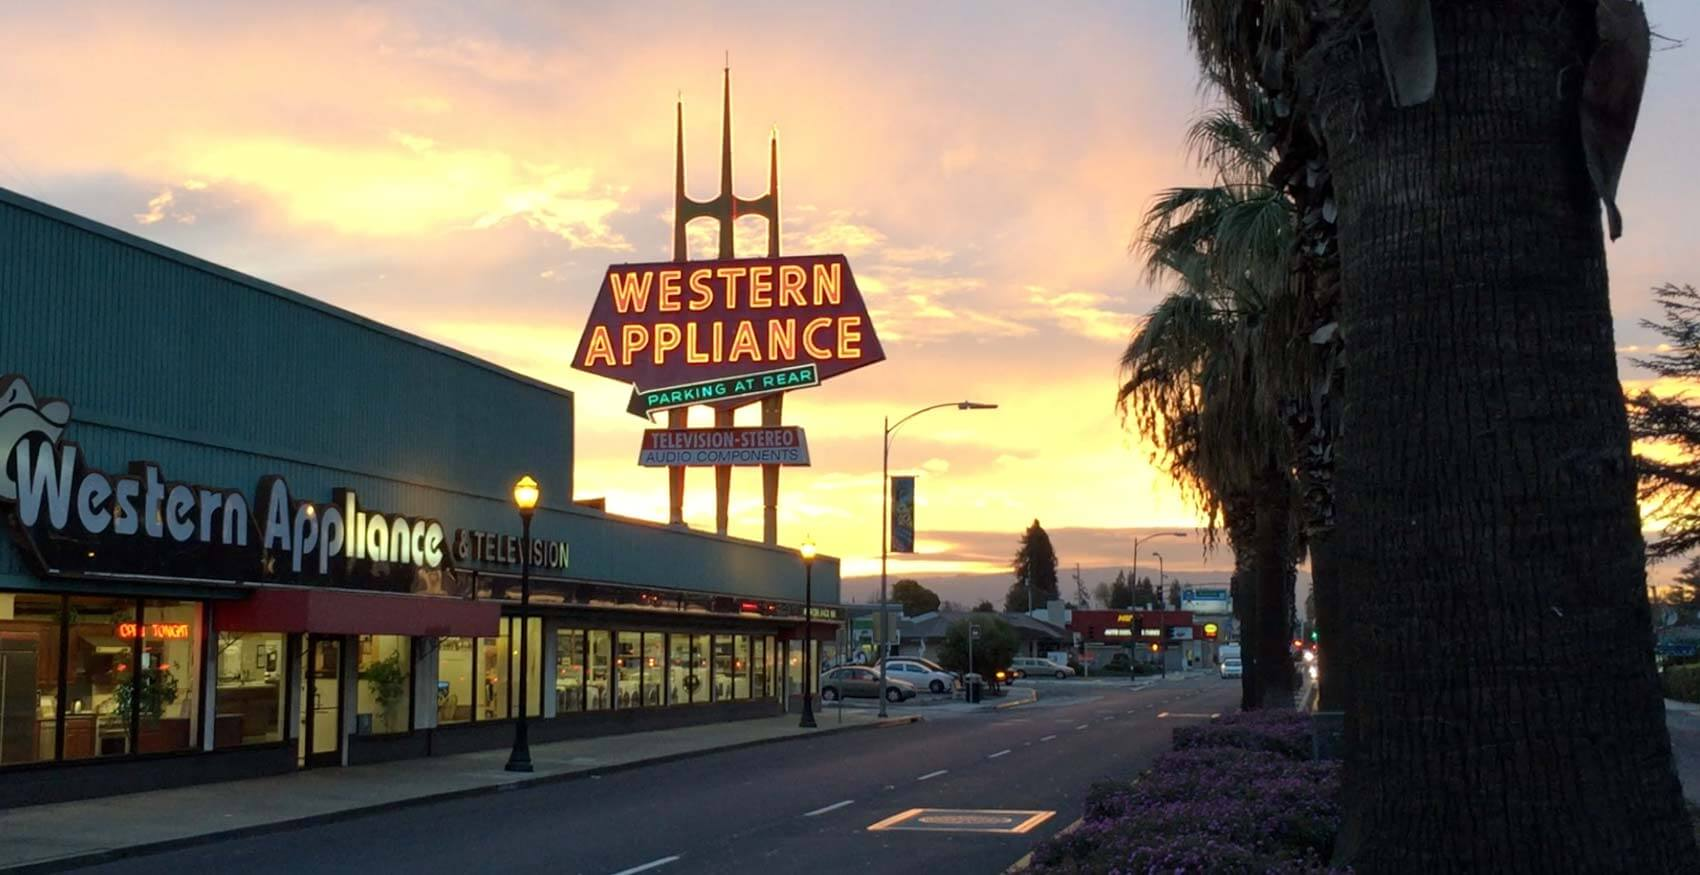 Western Appliance Store 2010s